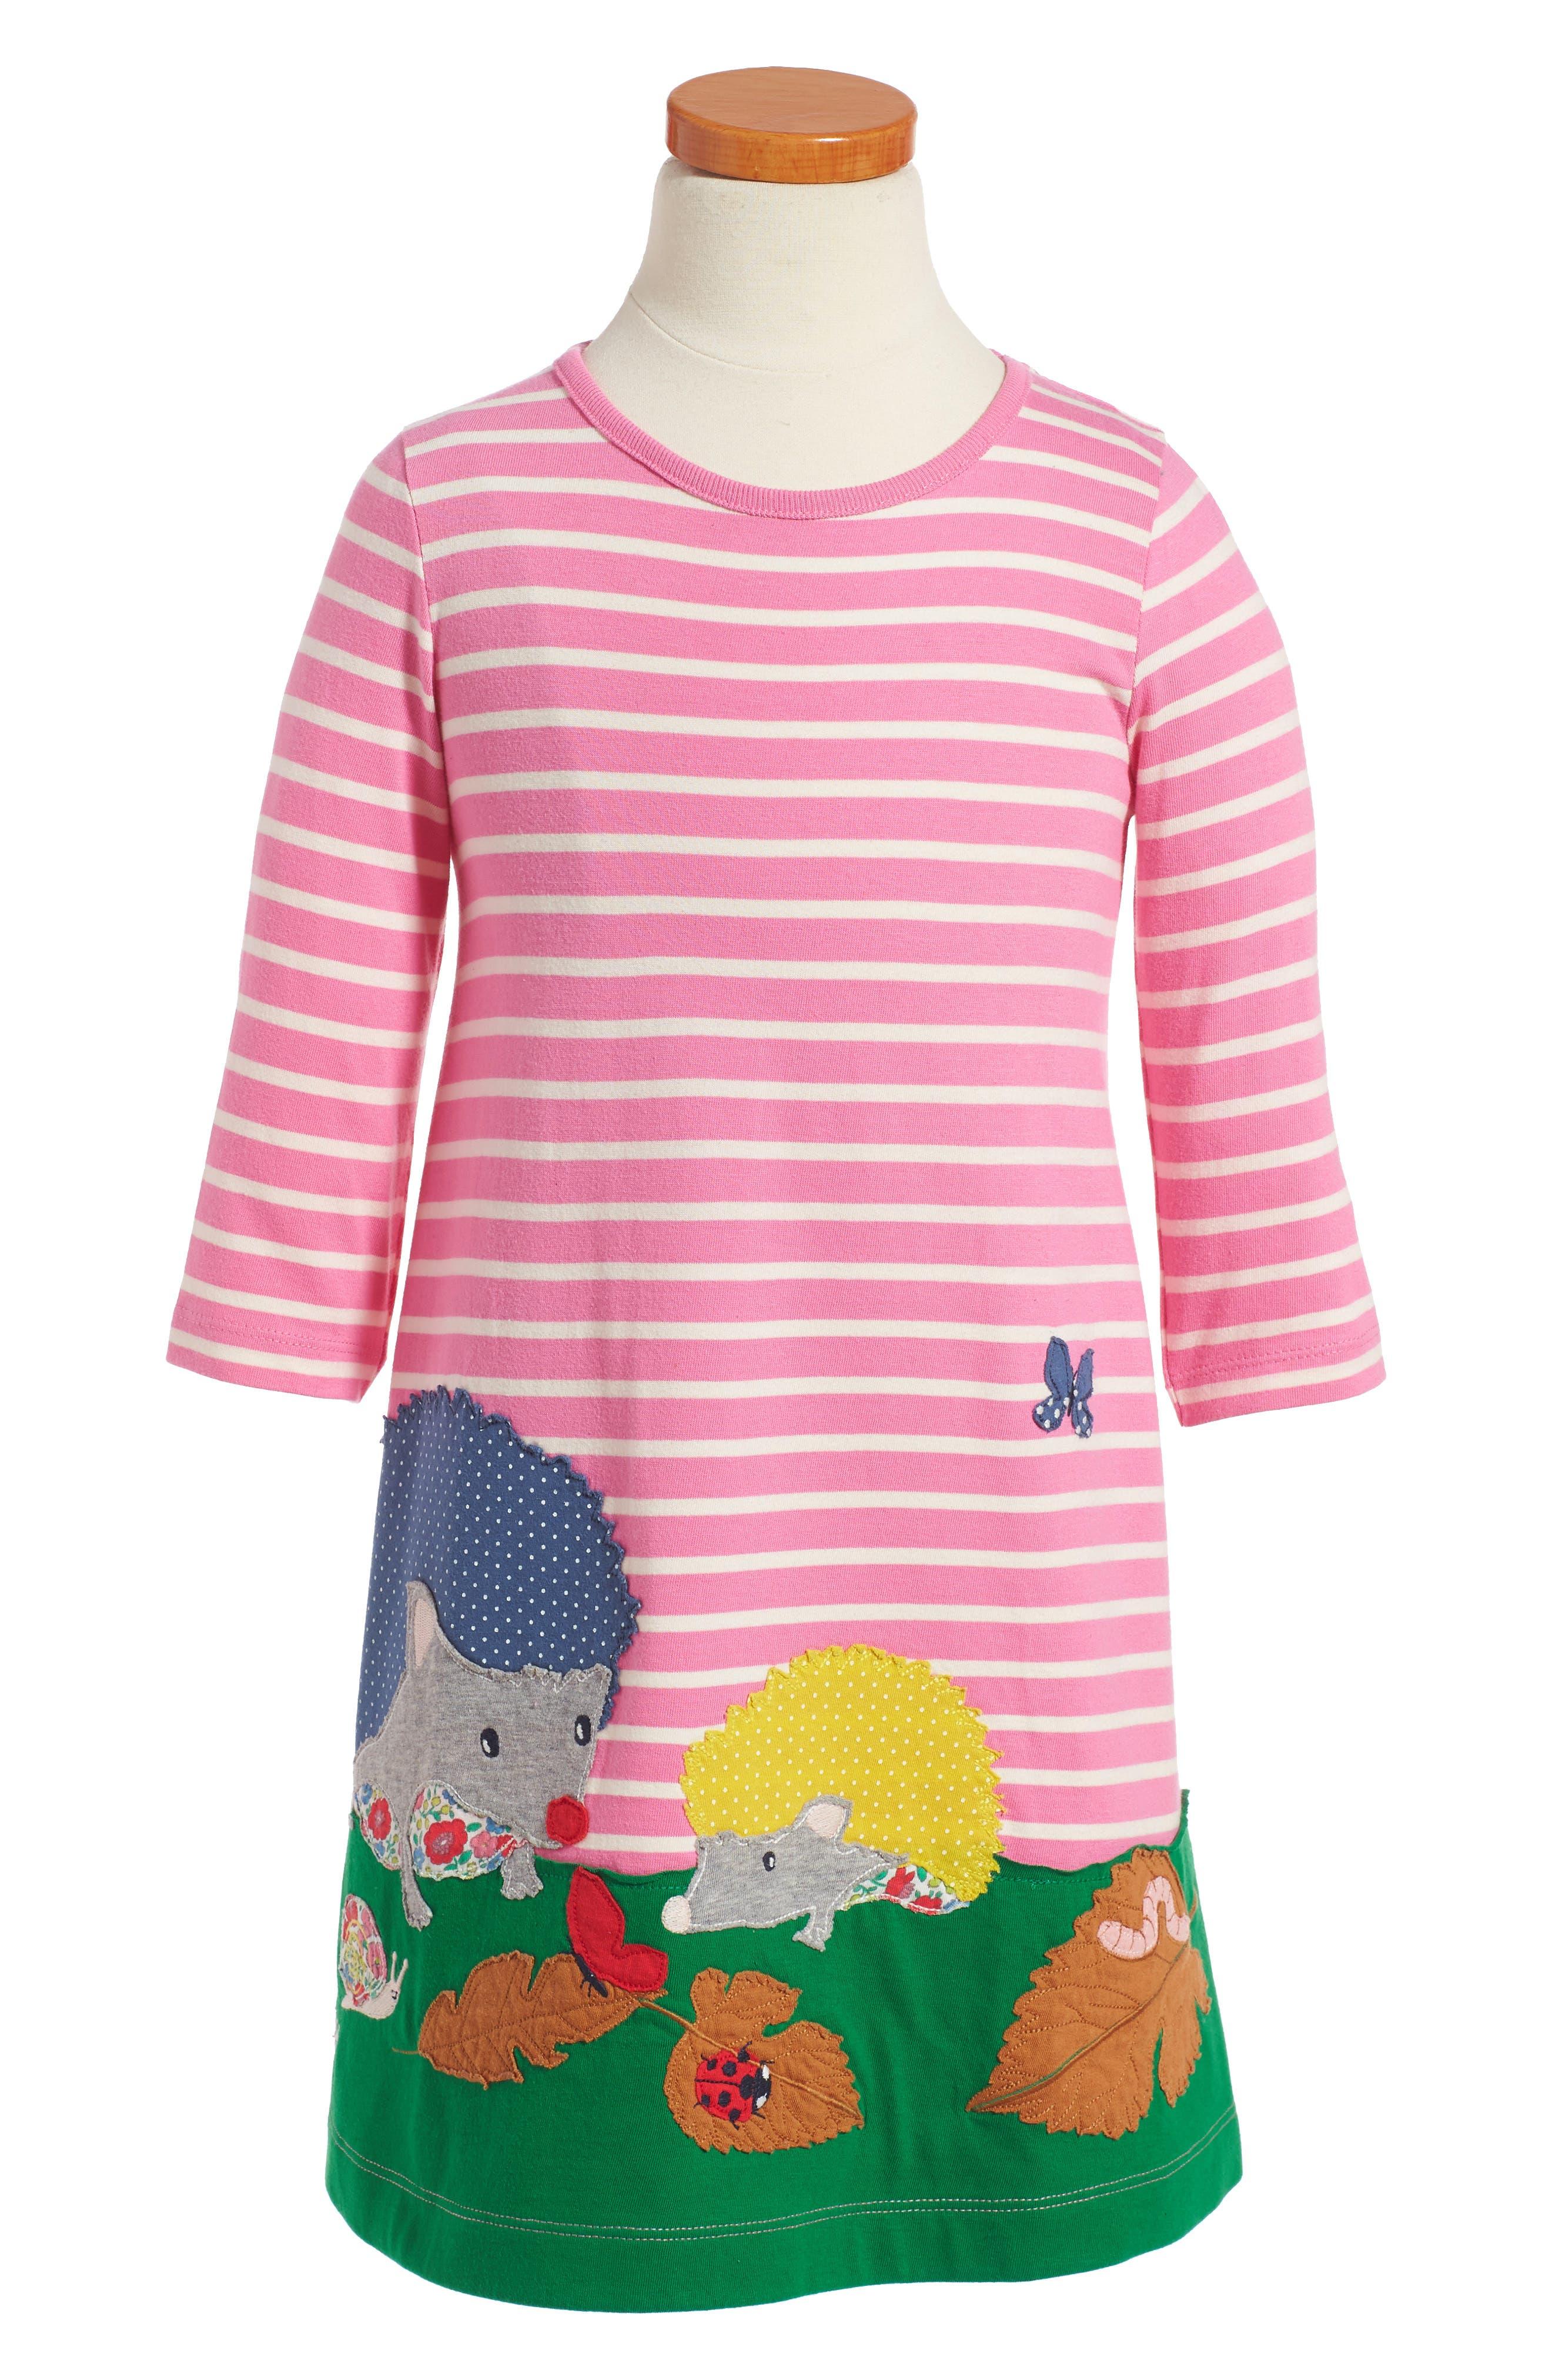 Main Image - Mini Boden Woodland Friends Dress (Toddler Girls, Little Girls & Big Girls)